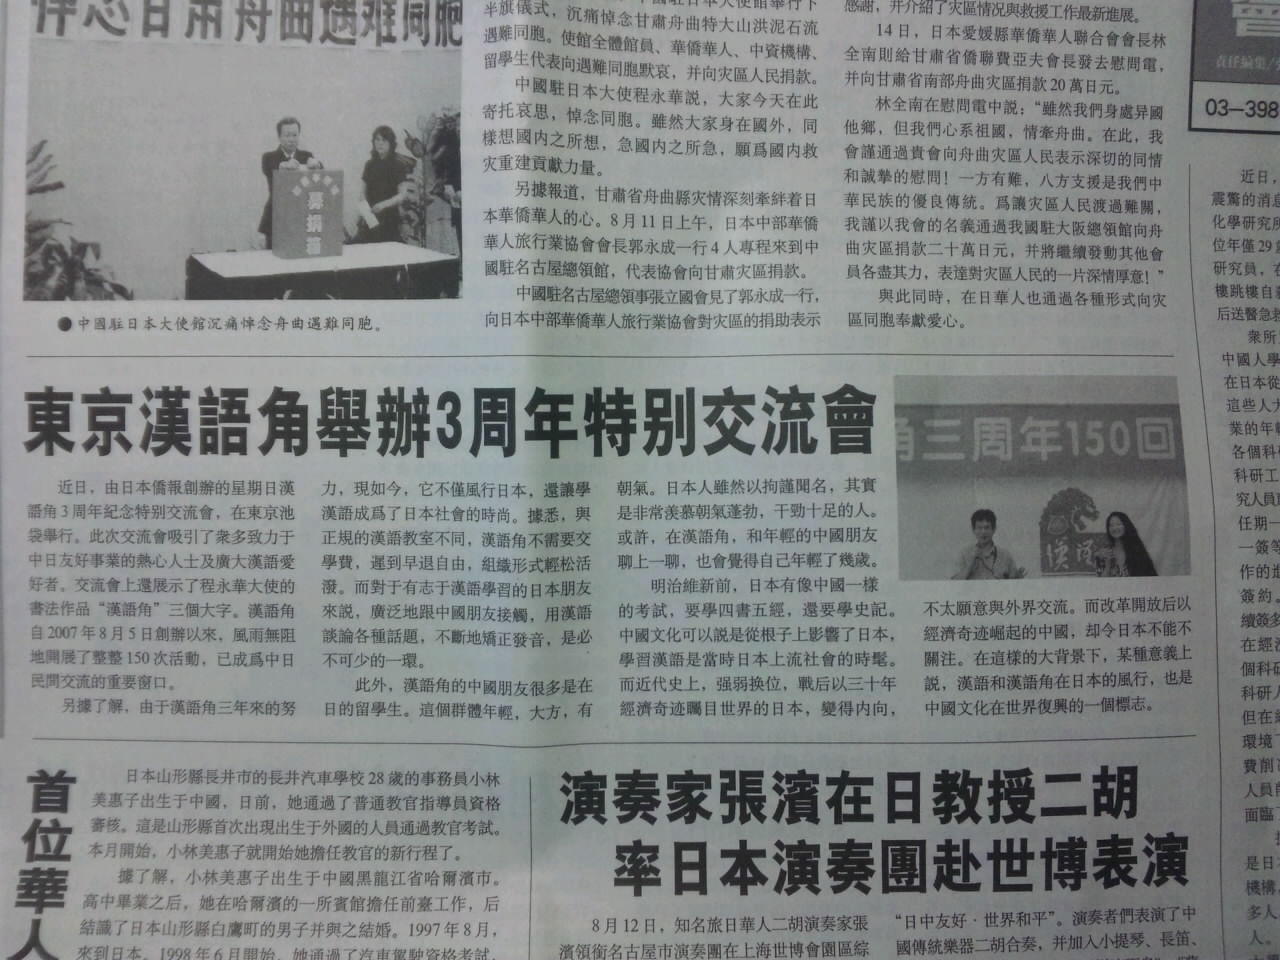 新華時報 漢語角三周年記念大会開催の記事を掲載_d0027795_1751074.jpg